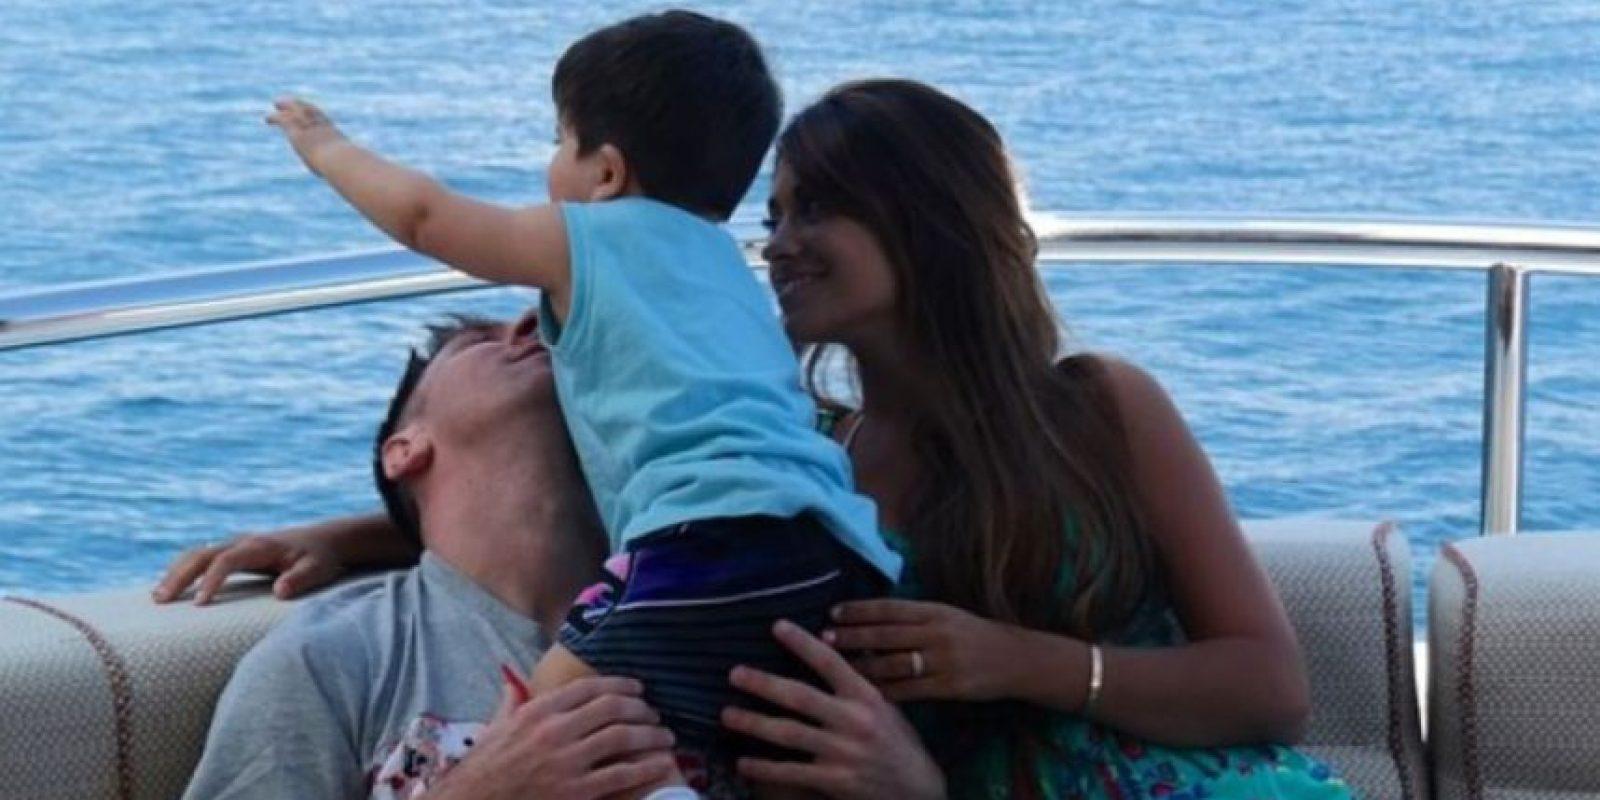 Esperan al segundo hijo de la pareja Foto:Vía instagram.com/antoroccuzzo88